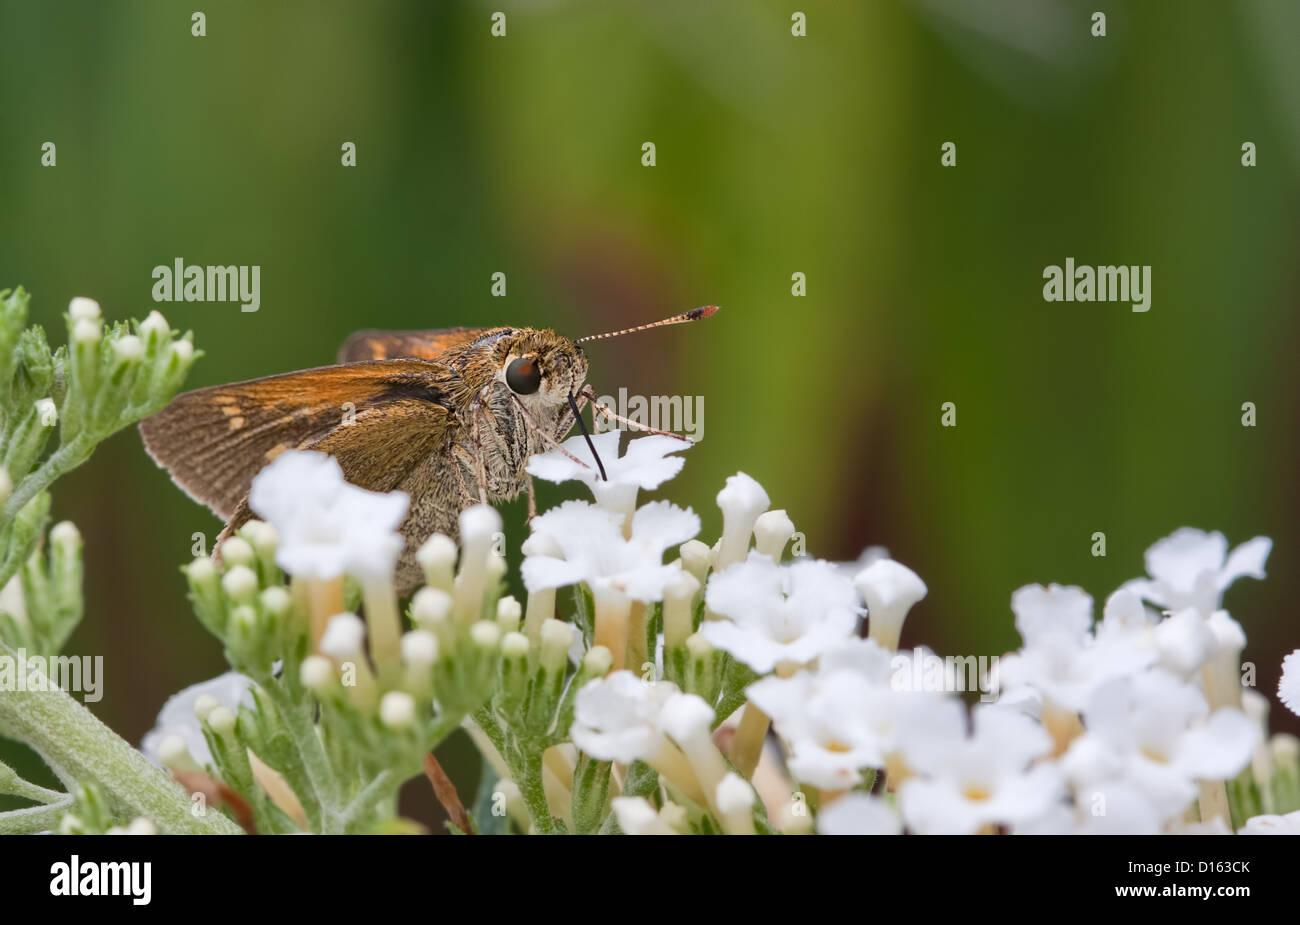 Un Silver-Spotted Skipper Butterfly succionar el néctar de una flor en un jardín. Foto de stock